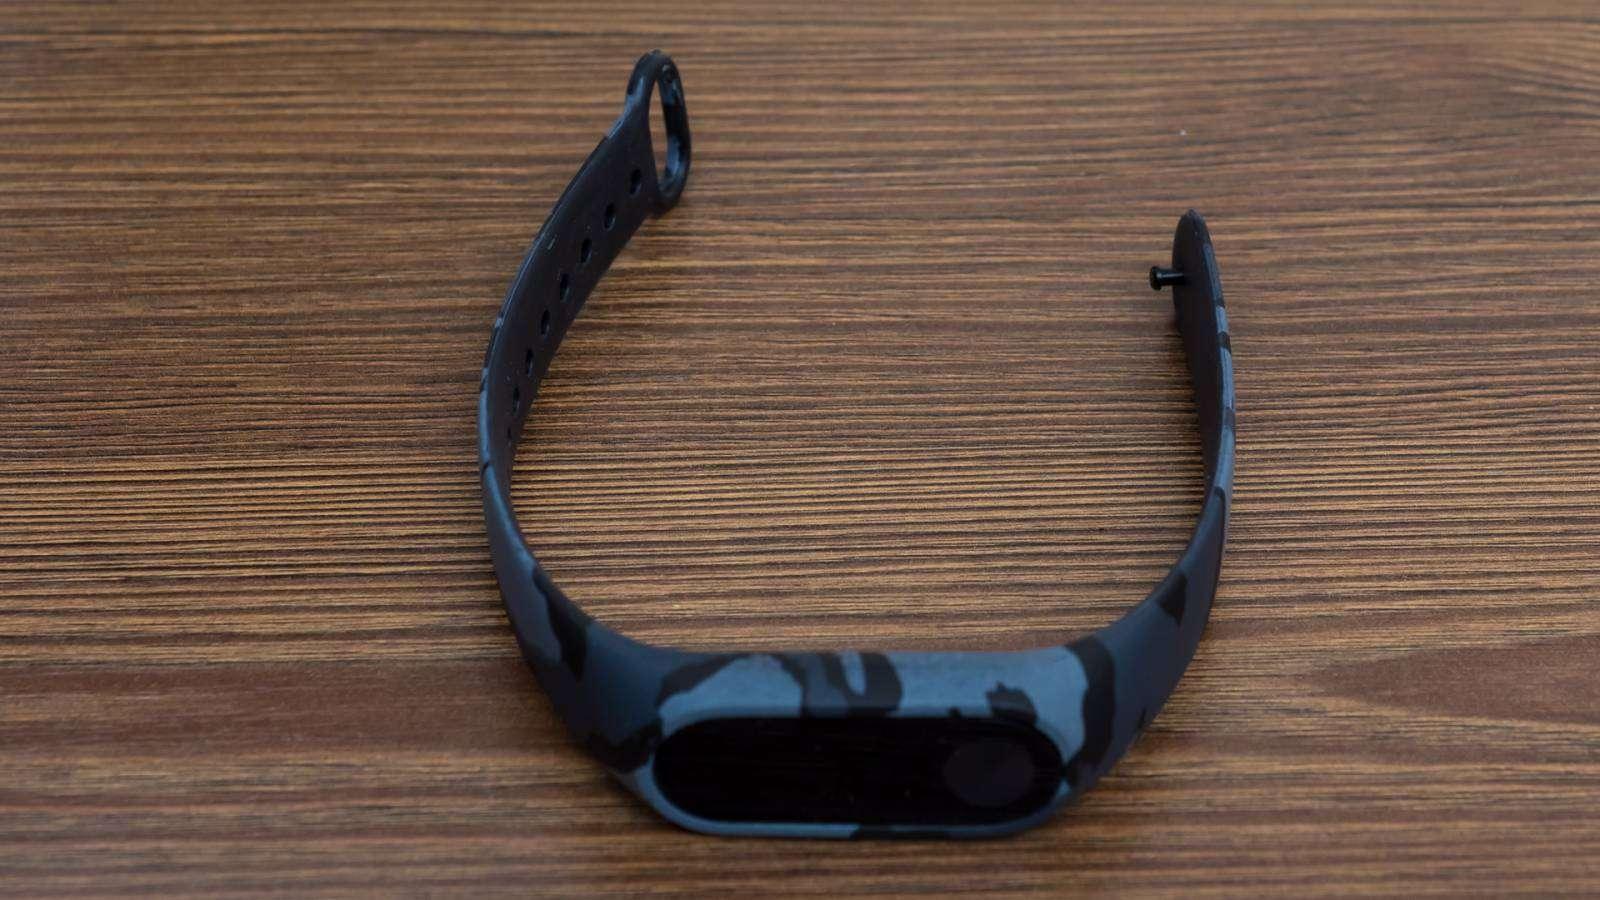 GearBest: Ремешок камуфляжной расцветки для Xiaomi Mi band 2